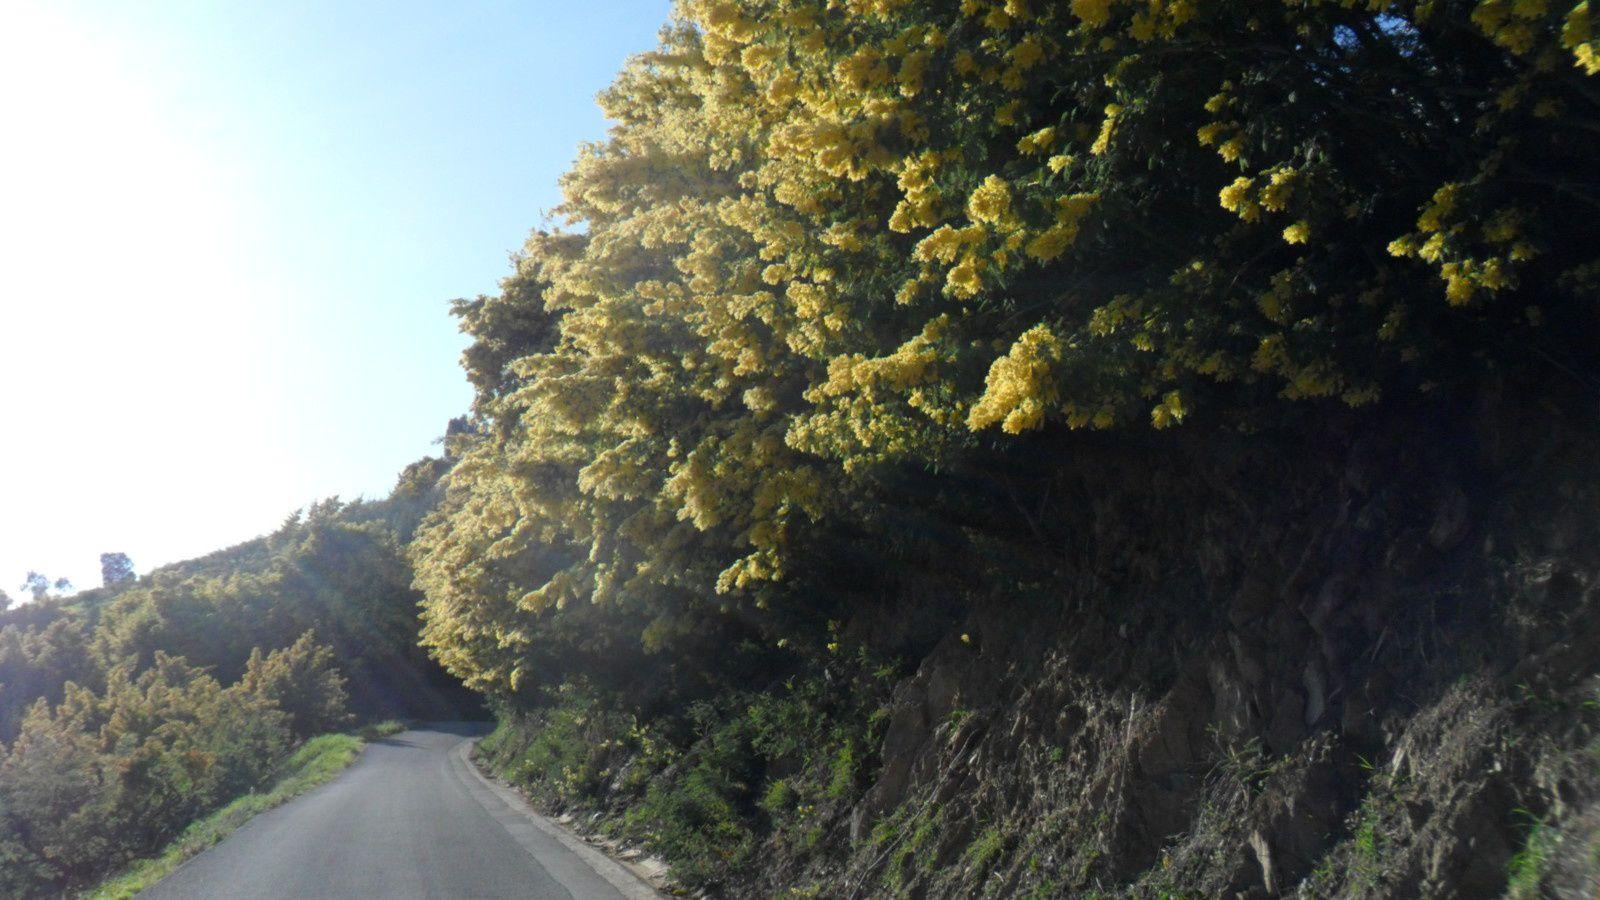 Côte d'Azur : folie de mimosas, mimosas en folie